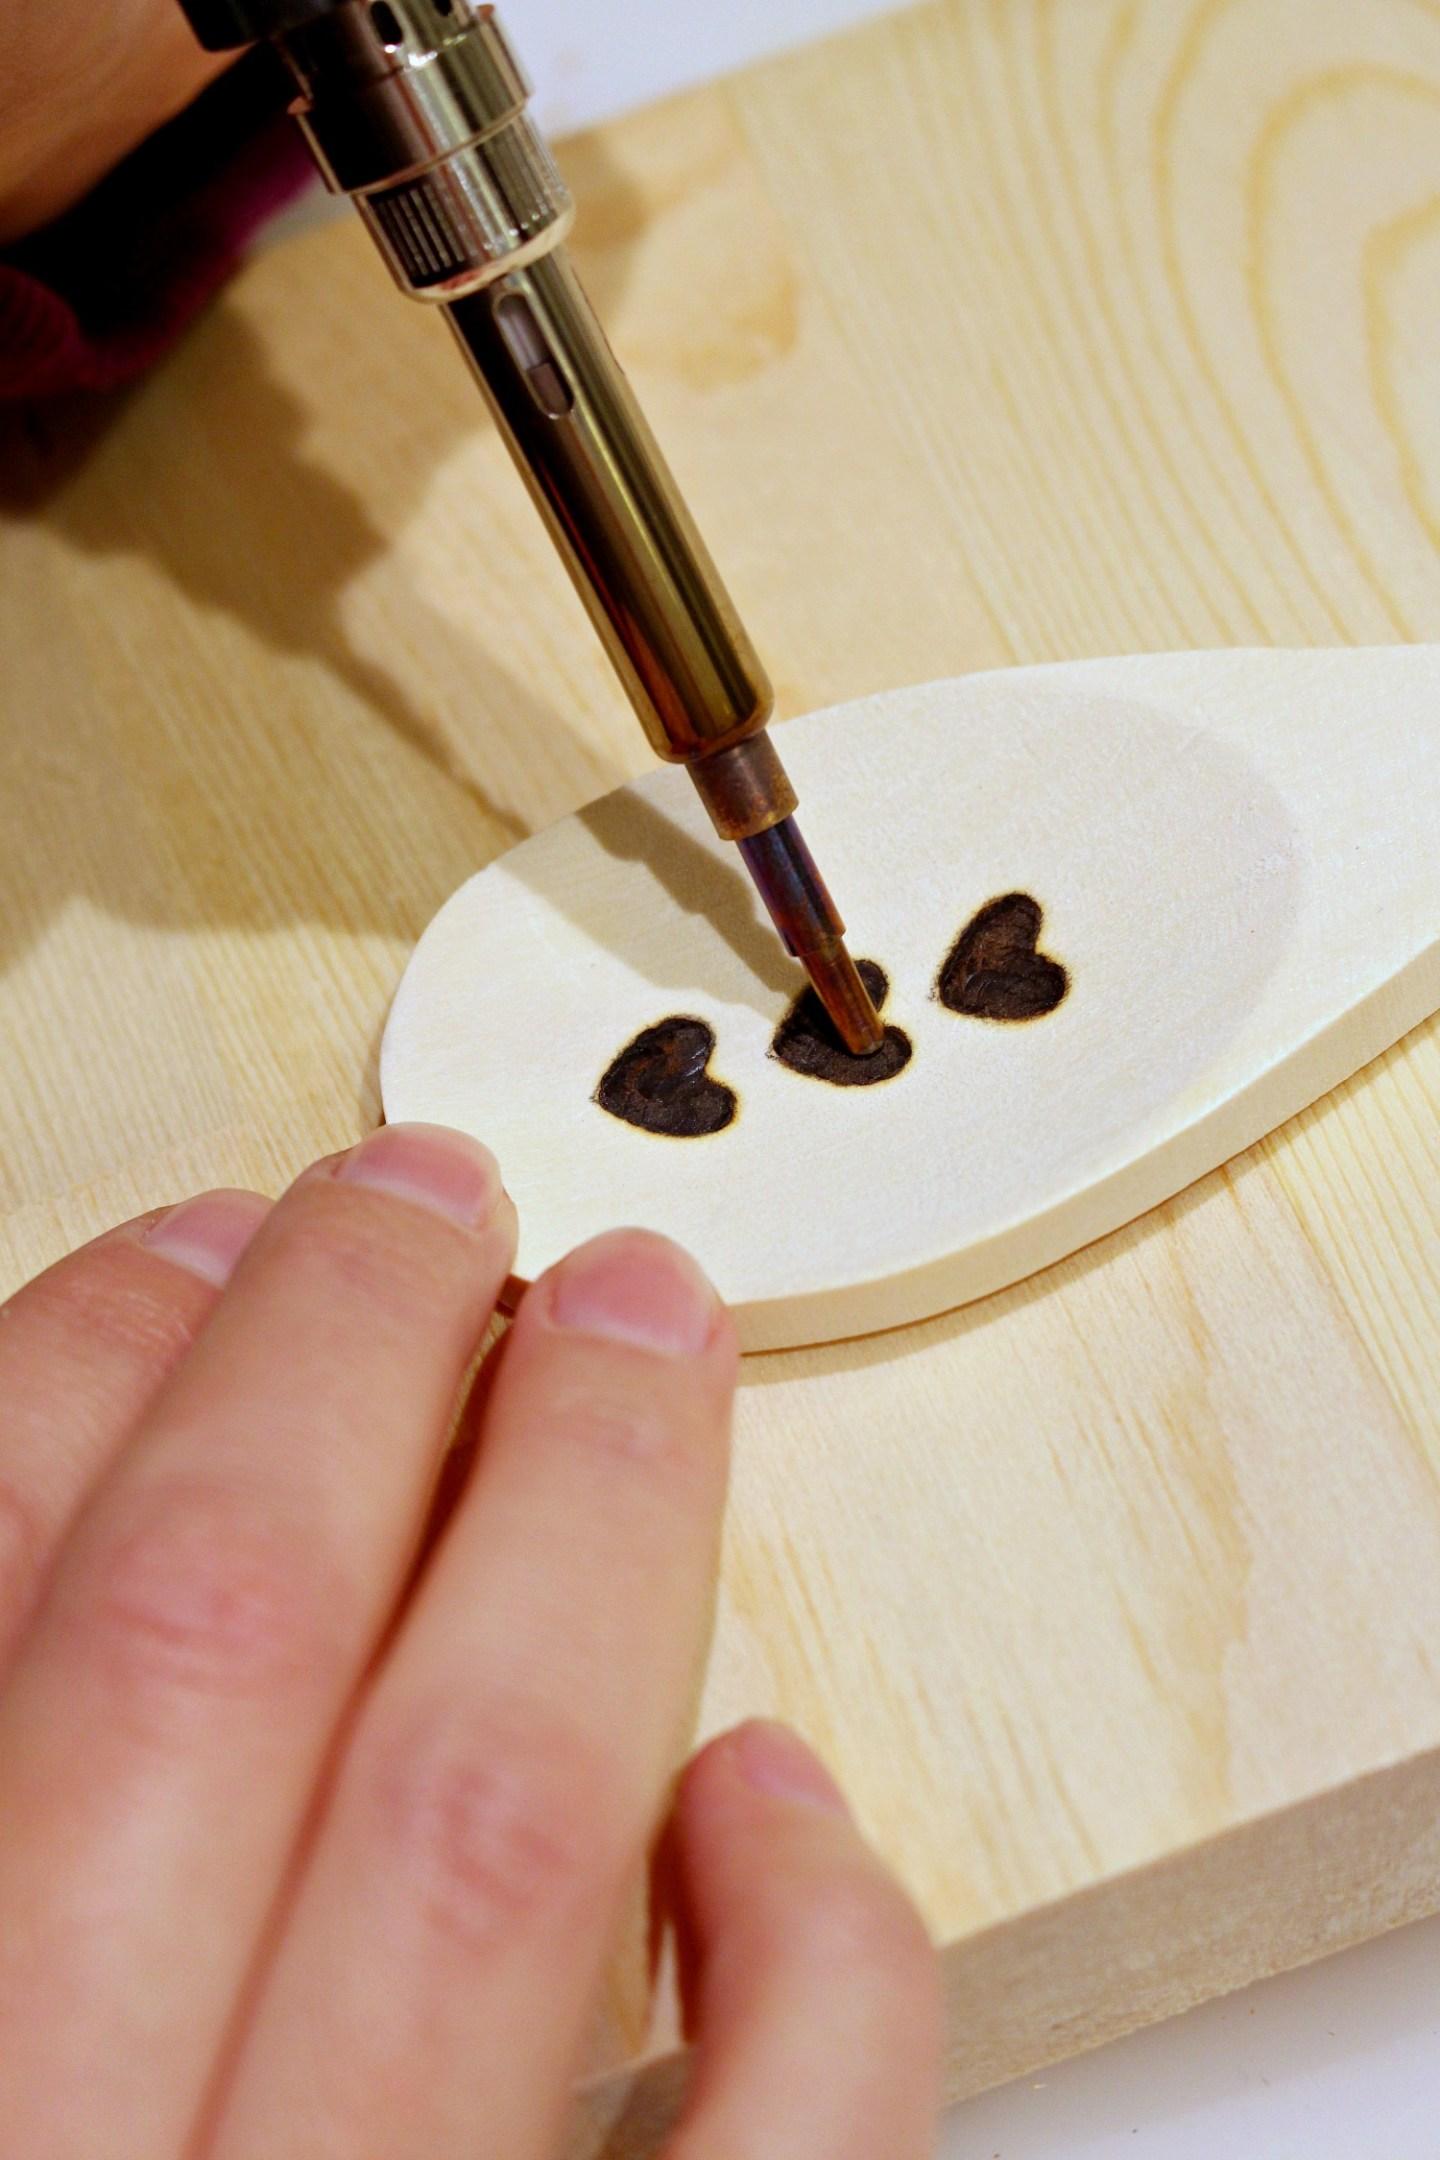 DIY Wood Burned Spoon Ideas